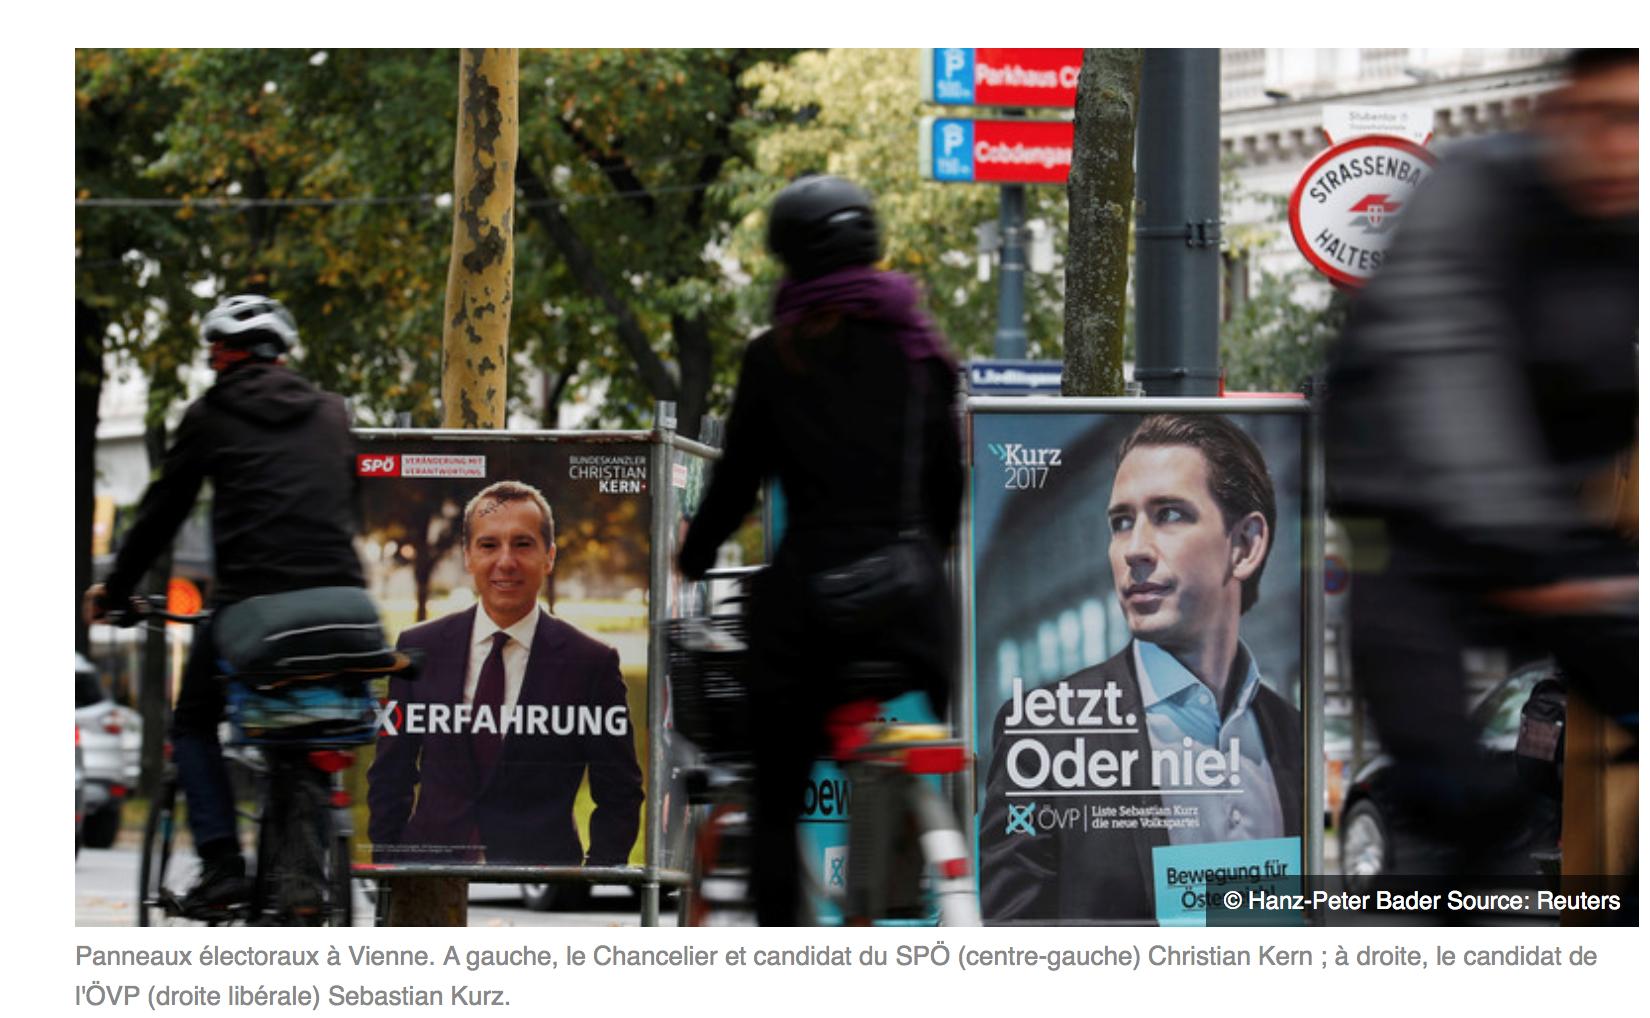 Elections en Autriche,  la gauche fabrique de fausses pages facebook pour discréditer son adversaire